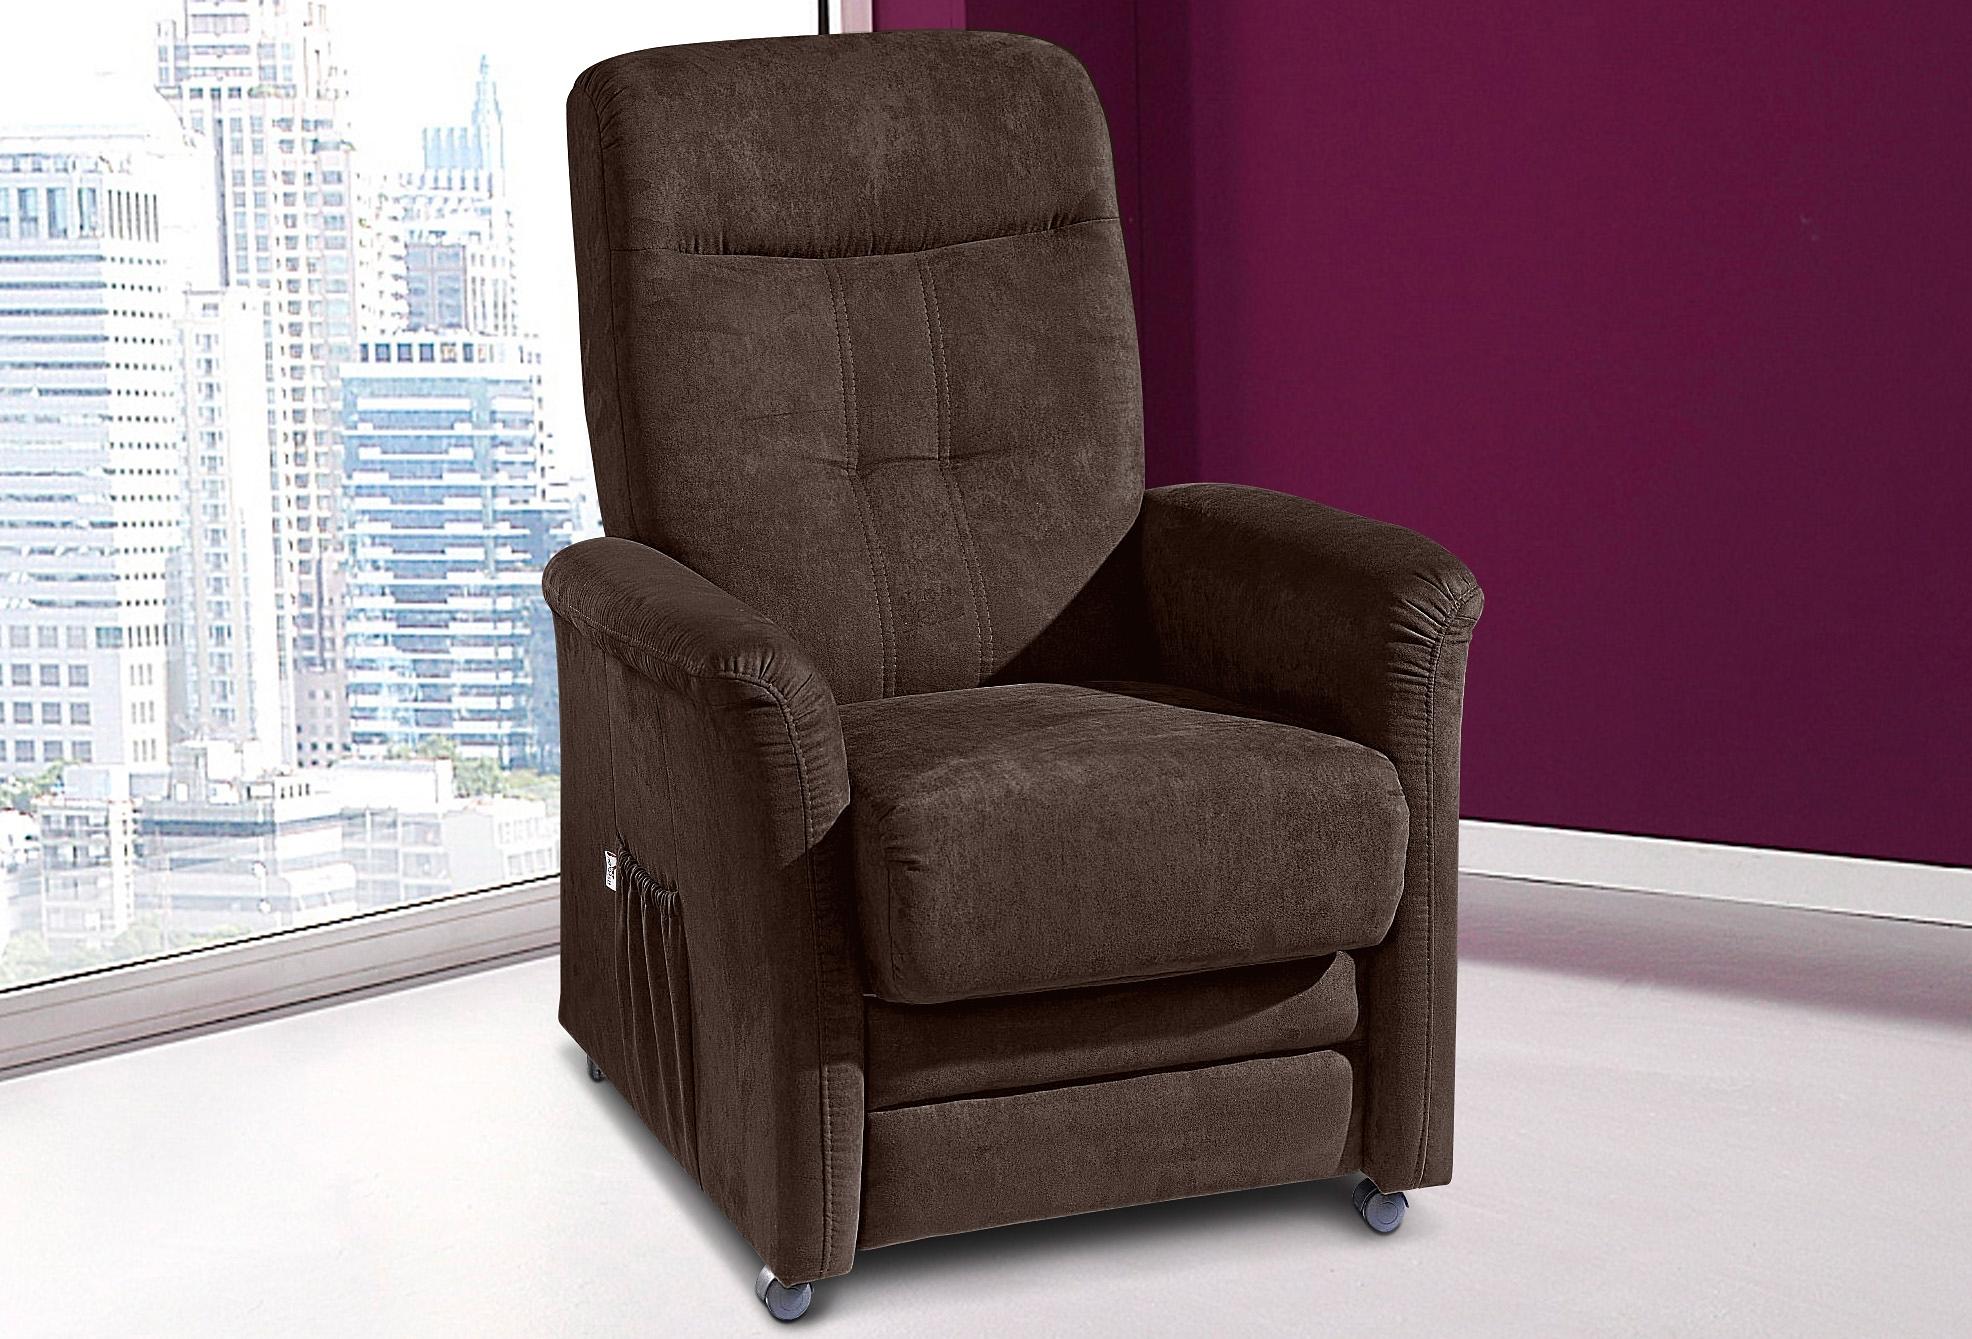 Sit&more TV-fauteuil, Novasit veilig op otto.nl kopen